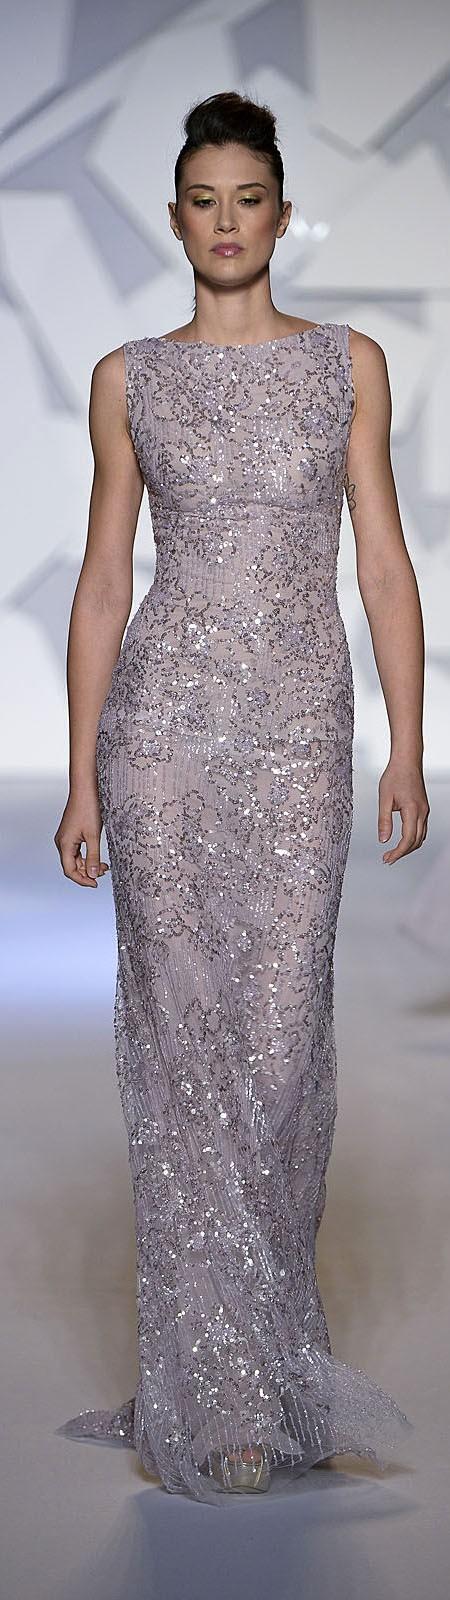 sleeveless full length shimmer gown